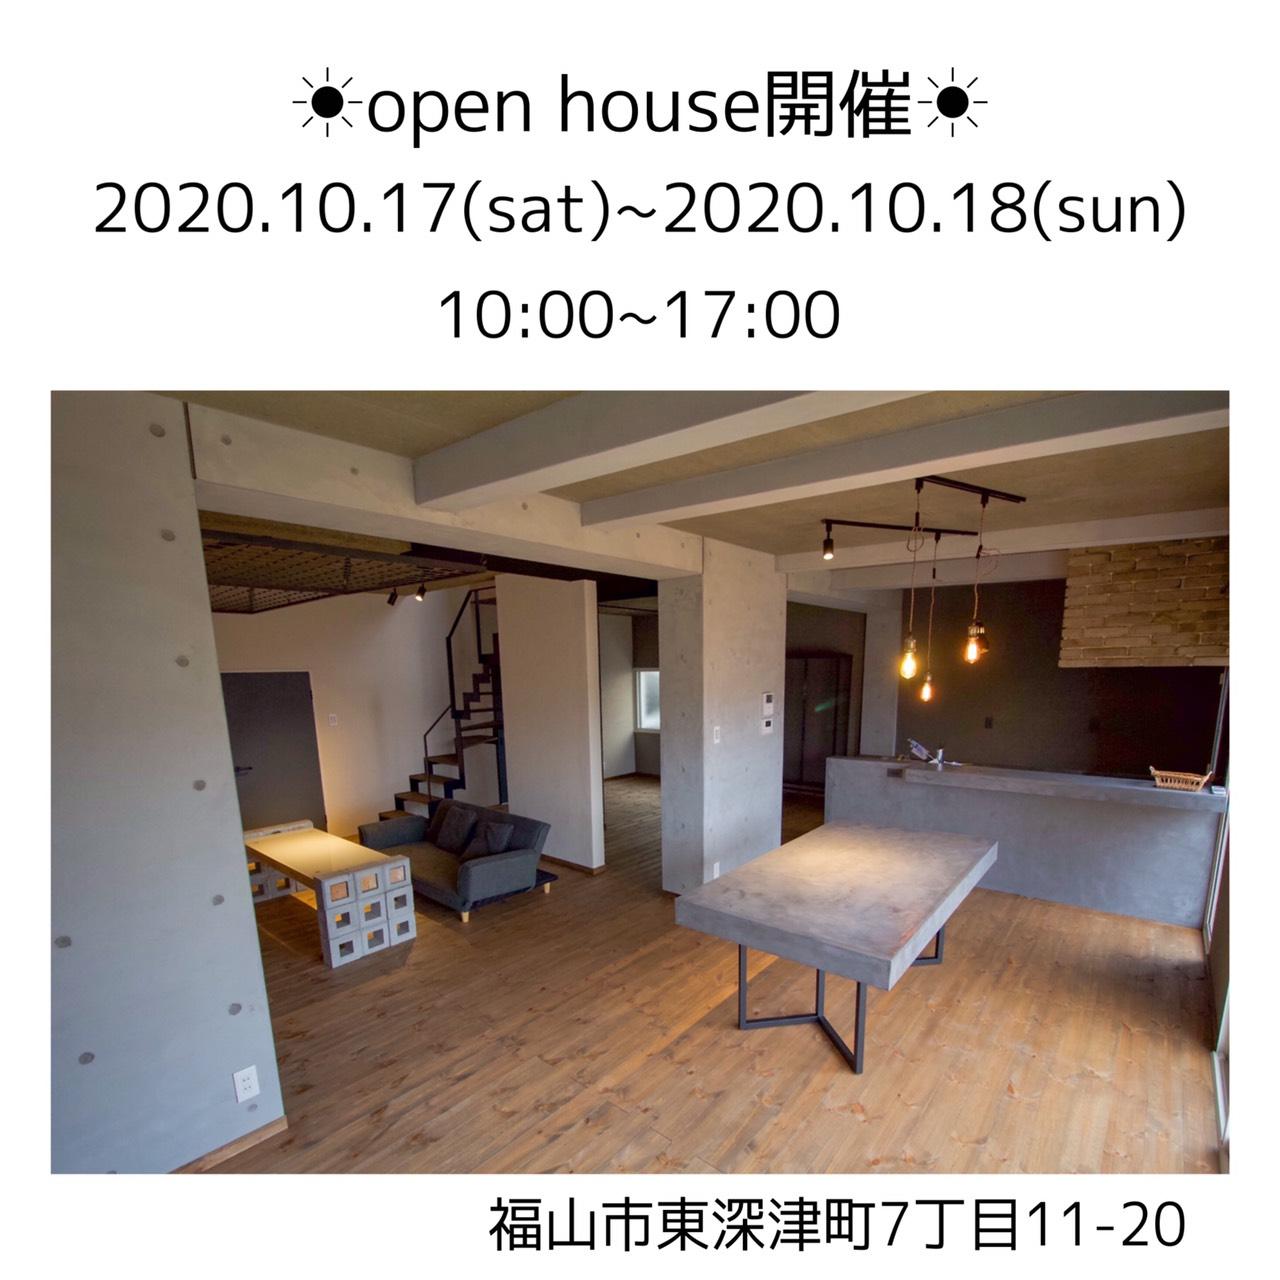 東深津町リノベーション物件オープンハウス開催します!